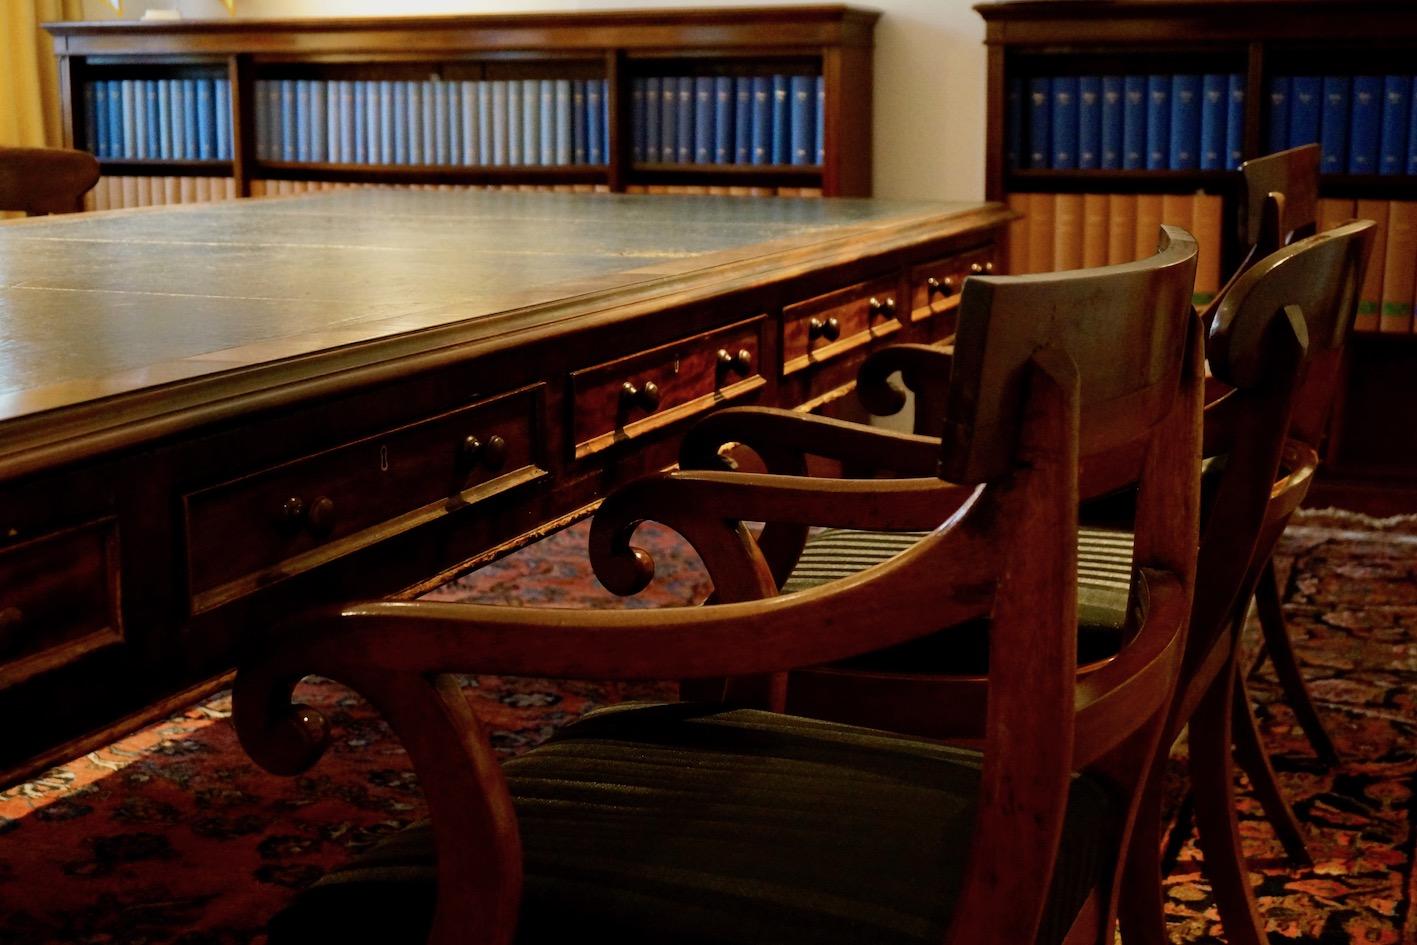 notariat dr hollenders ihr notar im zentrum von dresden. Black Bedroom Furniture Sets. Home Design Ideas